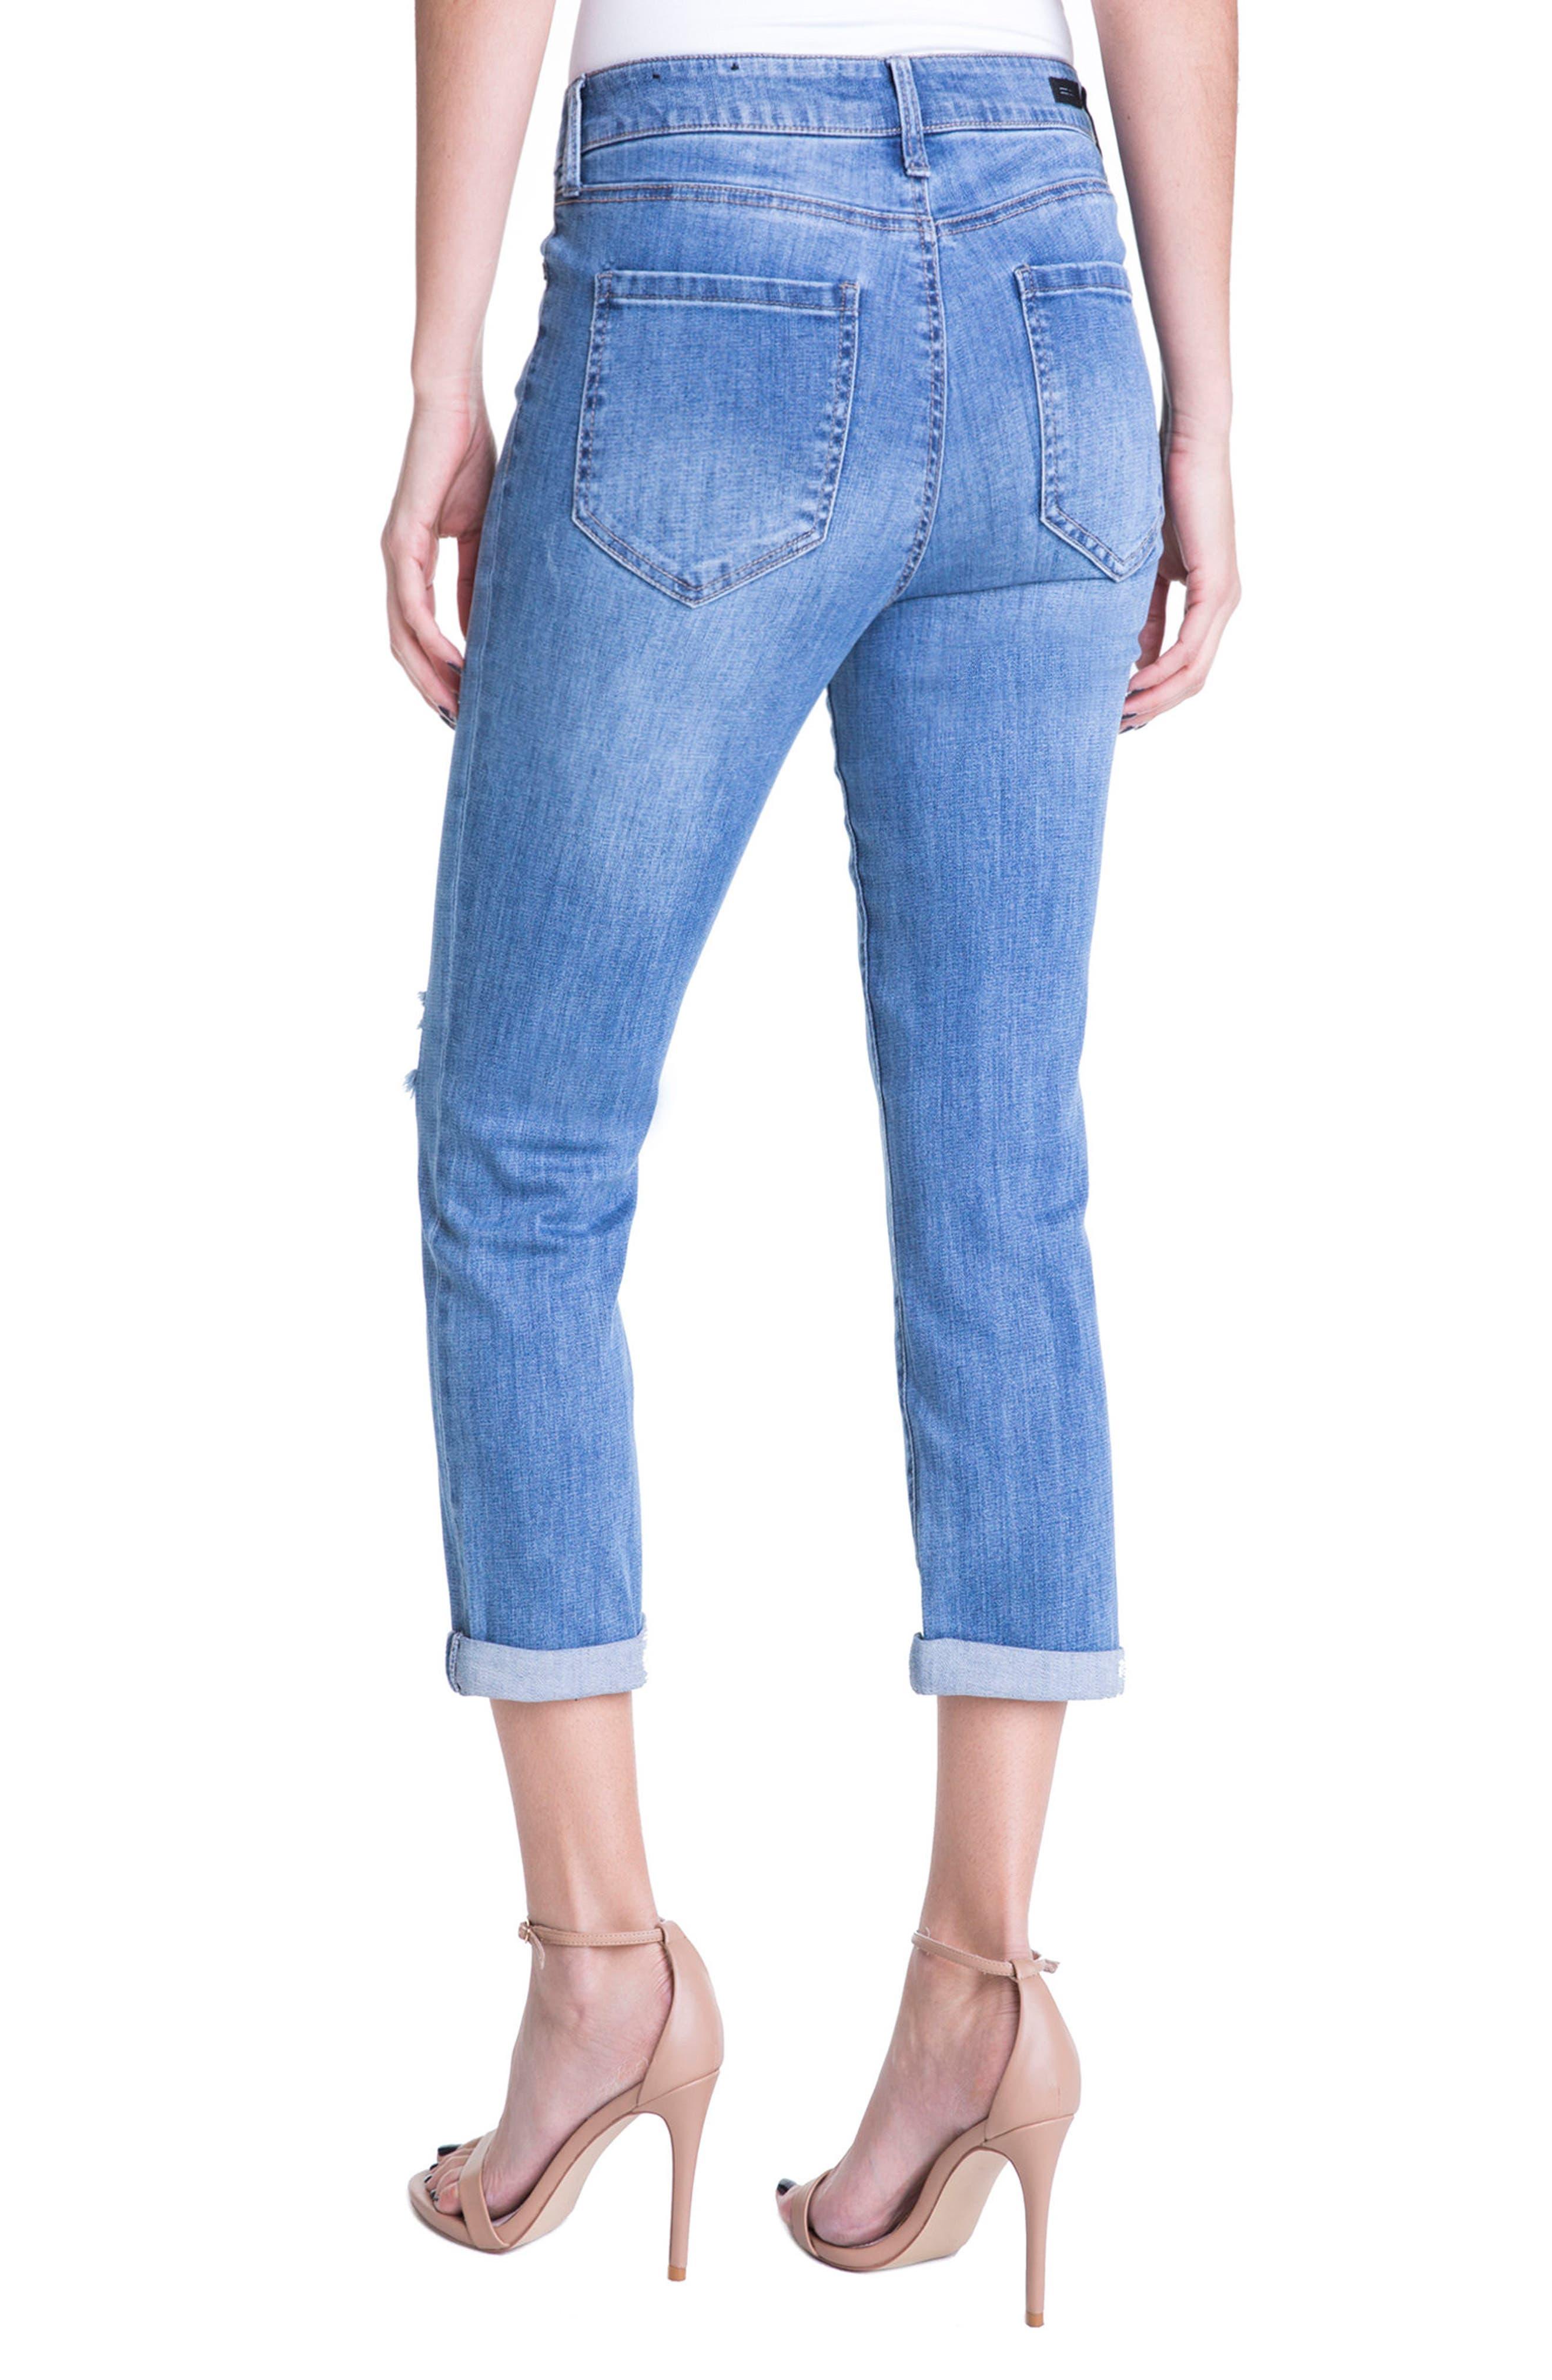 Michelle Distressed Cuff Capri Jeans,                             Alternate thumbnail 4, color,                             Melbourne Light/ Destruction